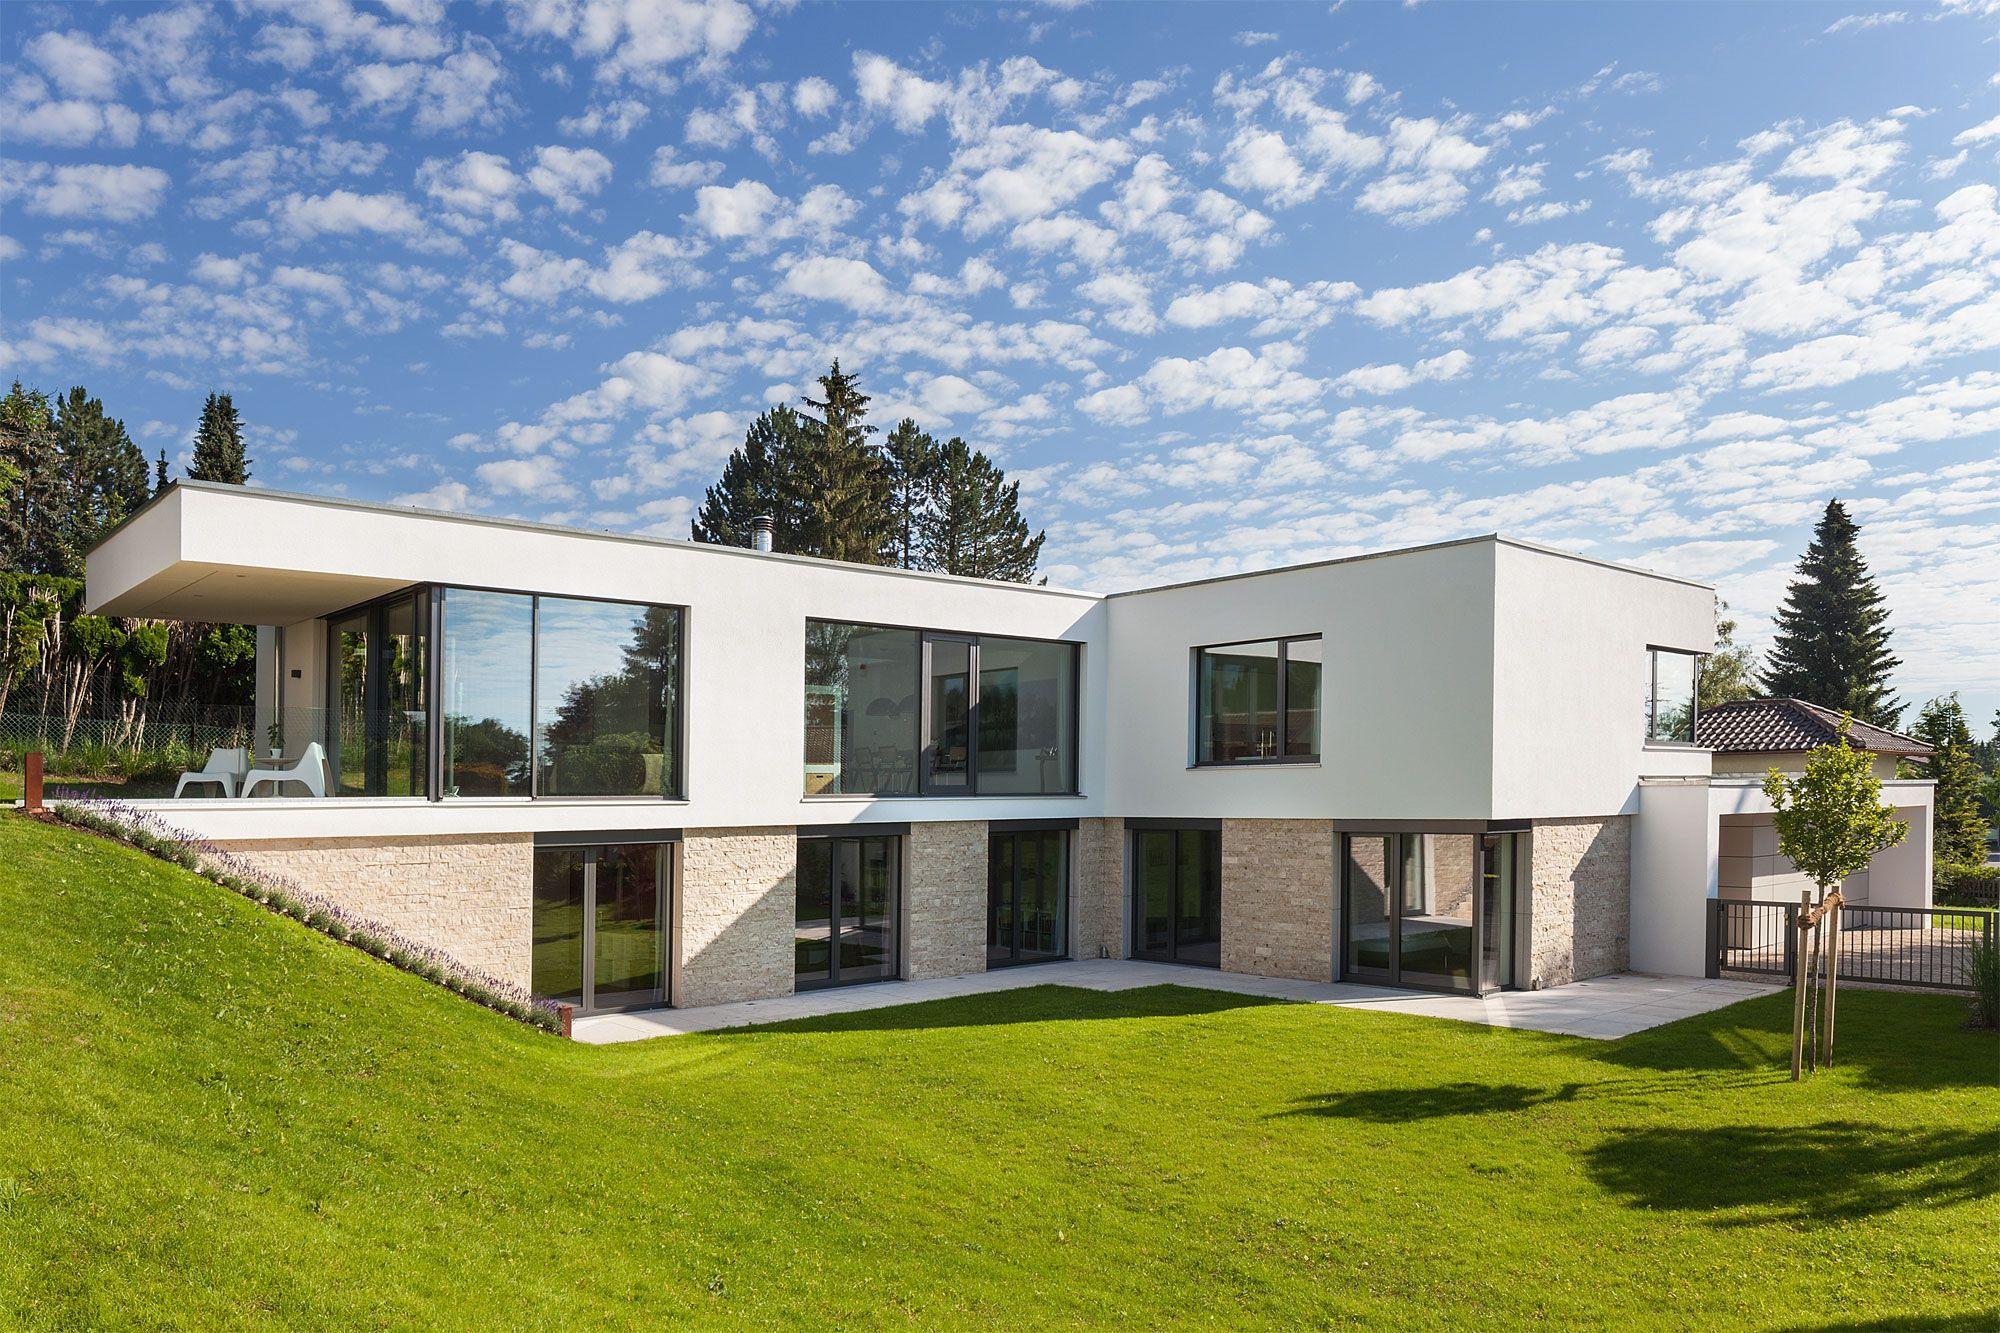 Haus m in 2019 wohnideen maison moderne maison und for Modernes haus zurich